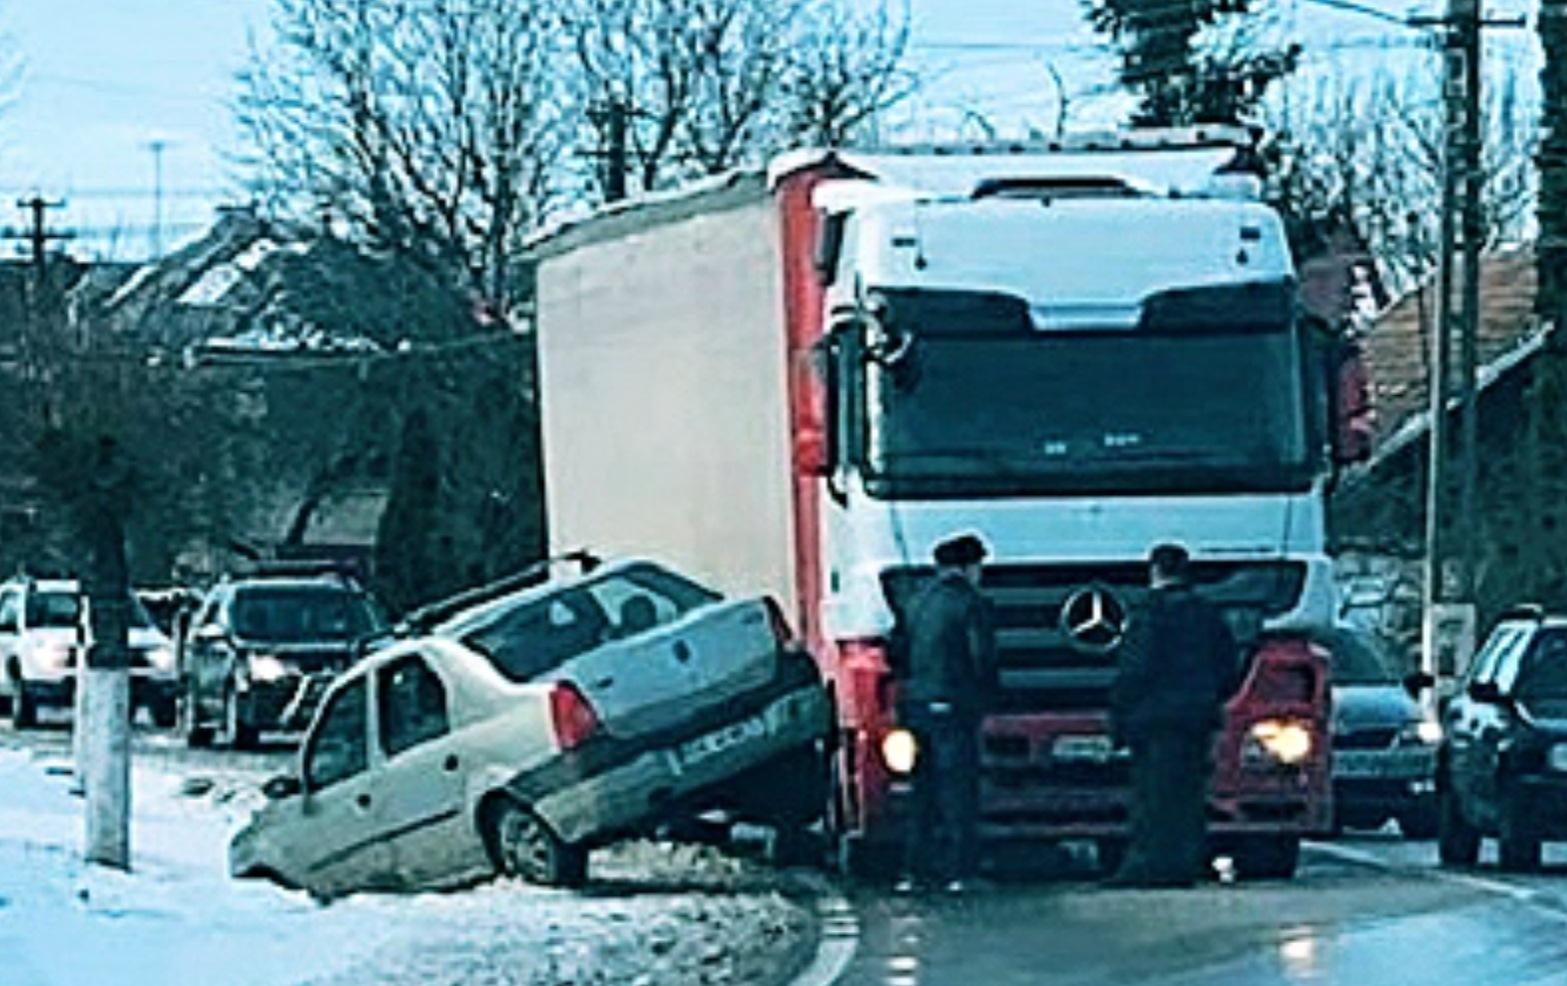 Video: Inconștiență la volan! După o depășire pe linie continuă a ajuns cu mașina în șanț!